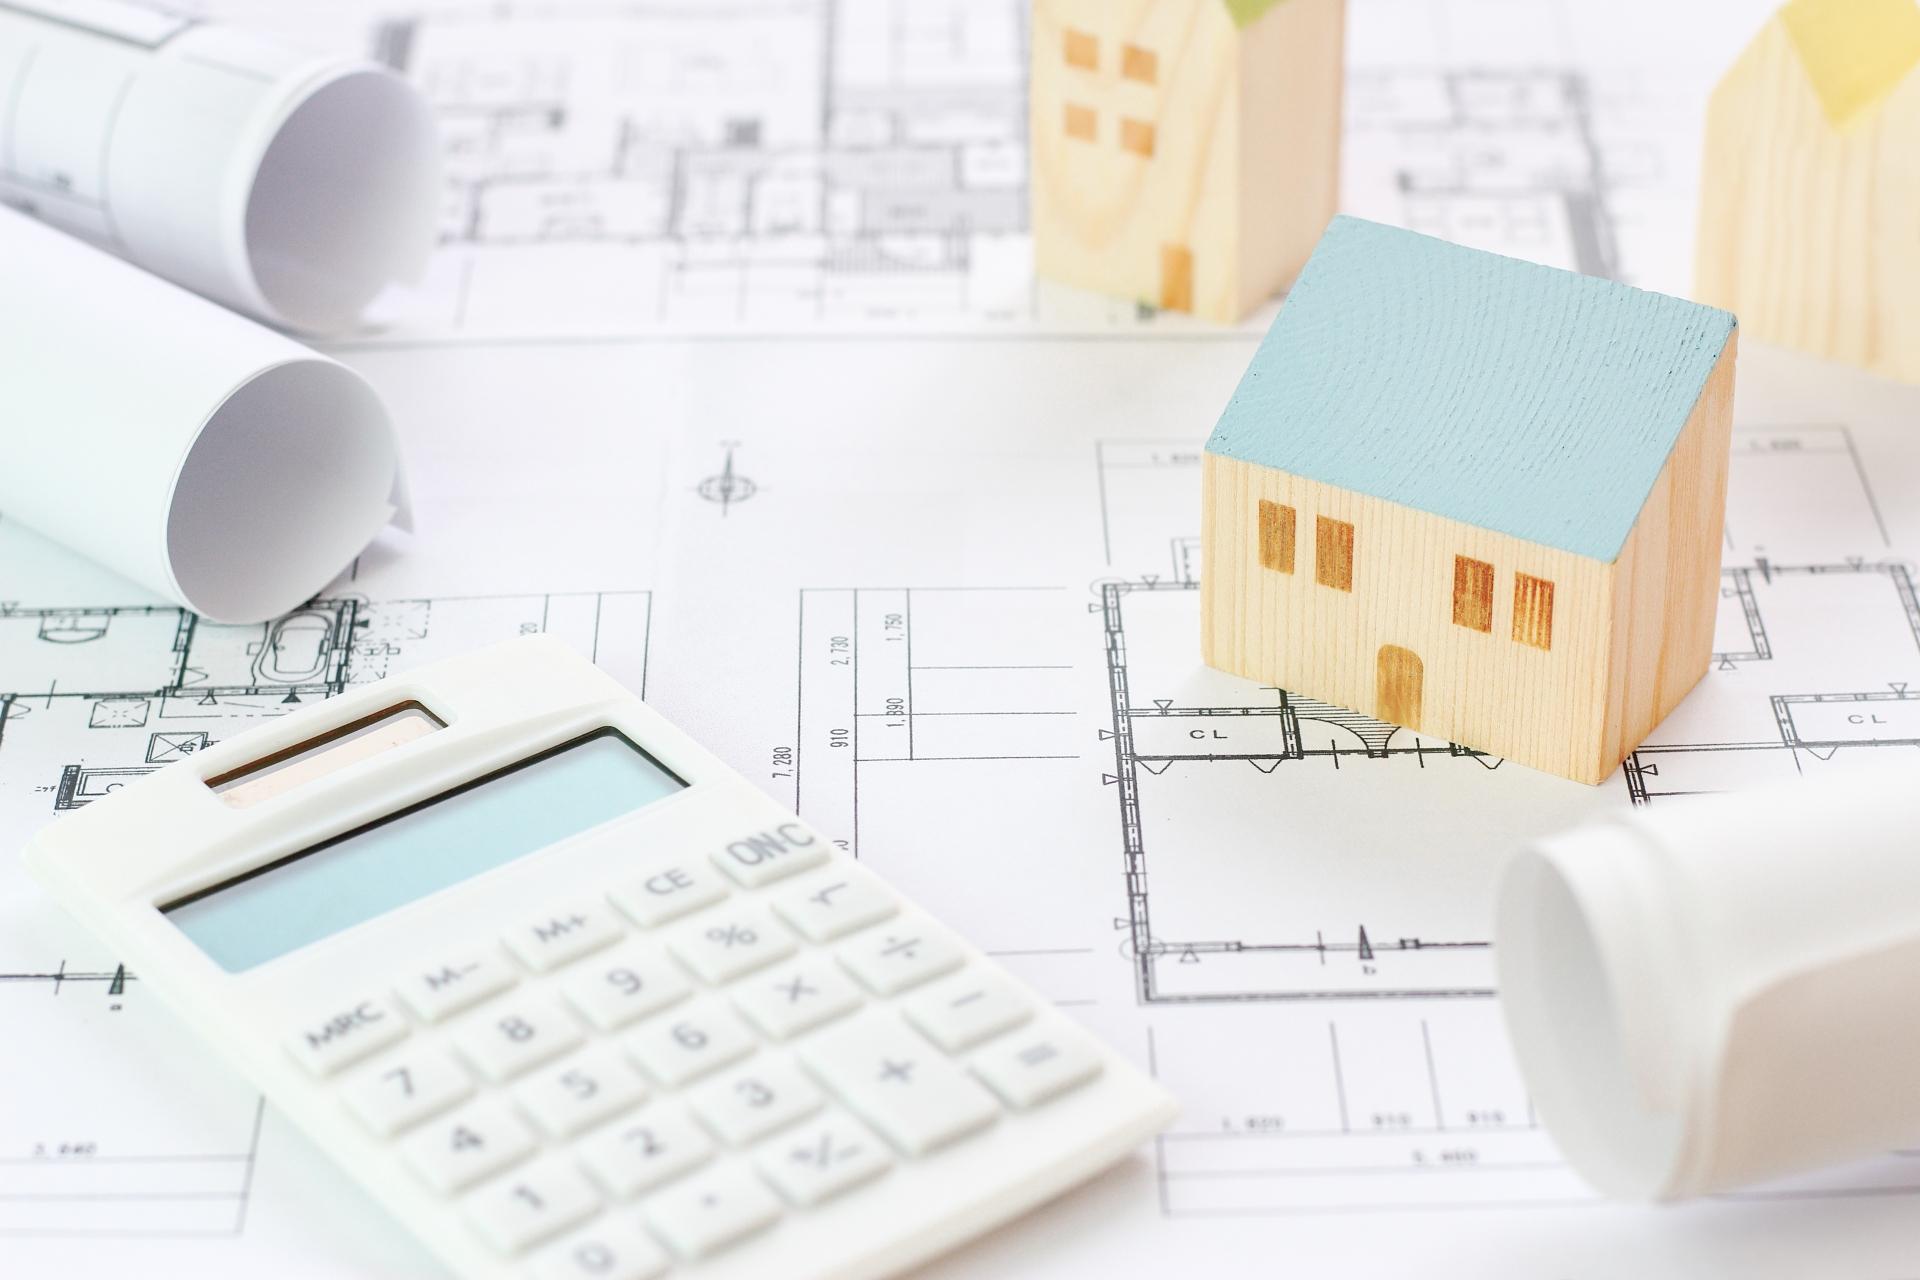 フリーターで一人暮らしはできる?家賃や貯金など、種類別に必要な金額を解説!